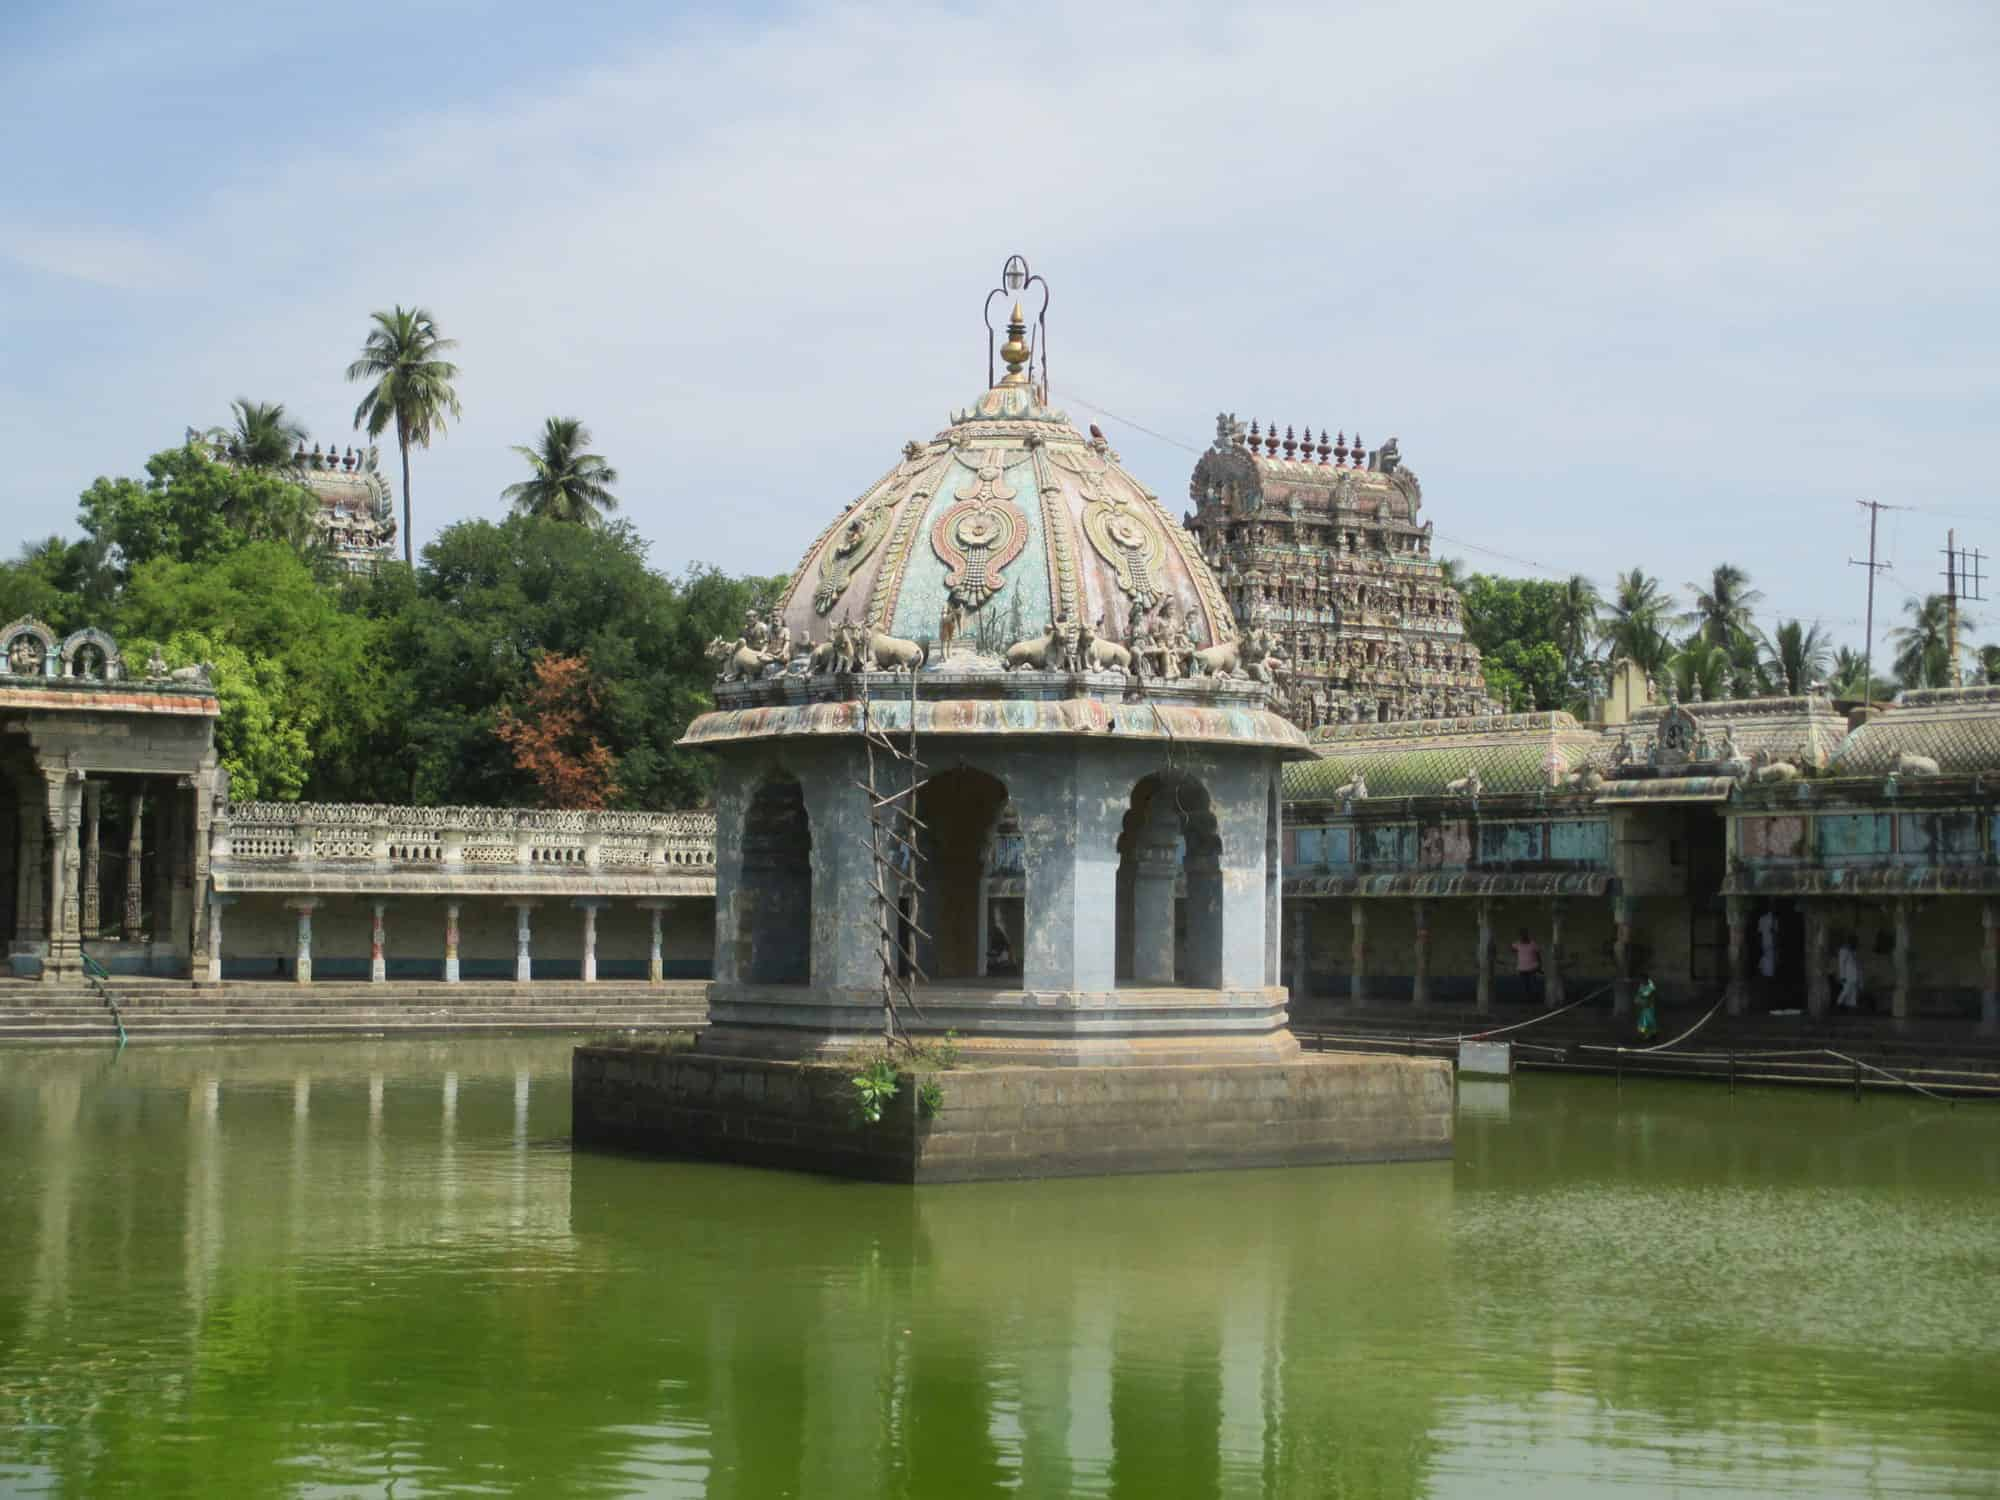 वैथीस्वरन कोईल Vaitheeswaran Koil